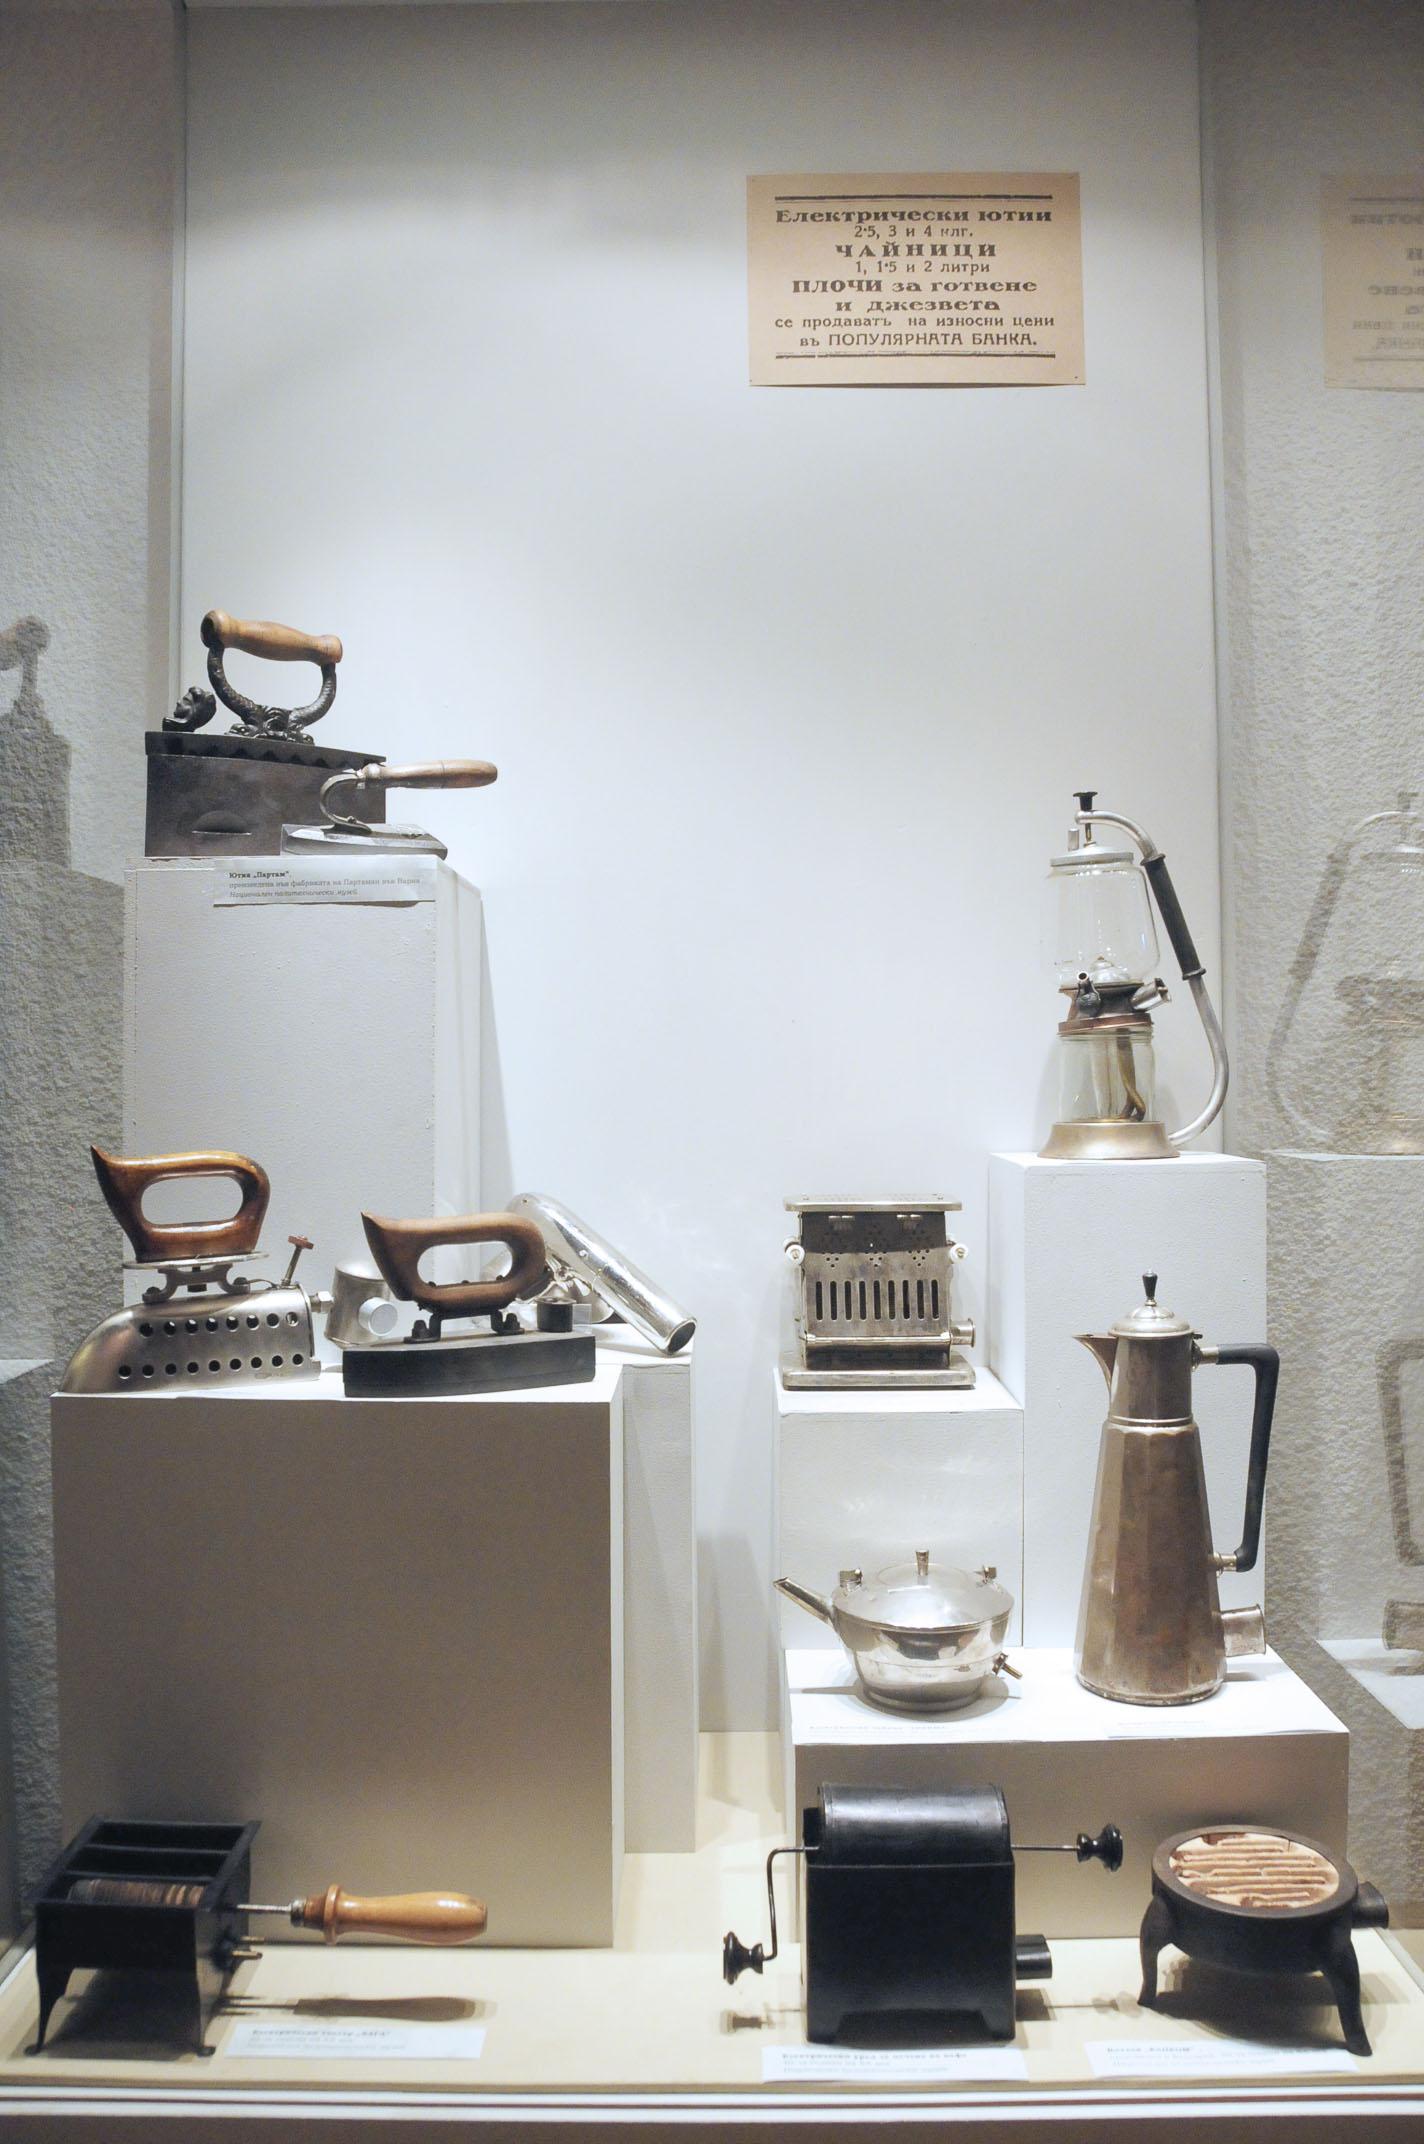 troyan-museum-elate-ni-na-gosti-29